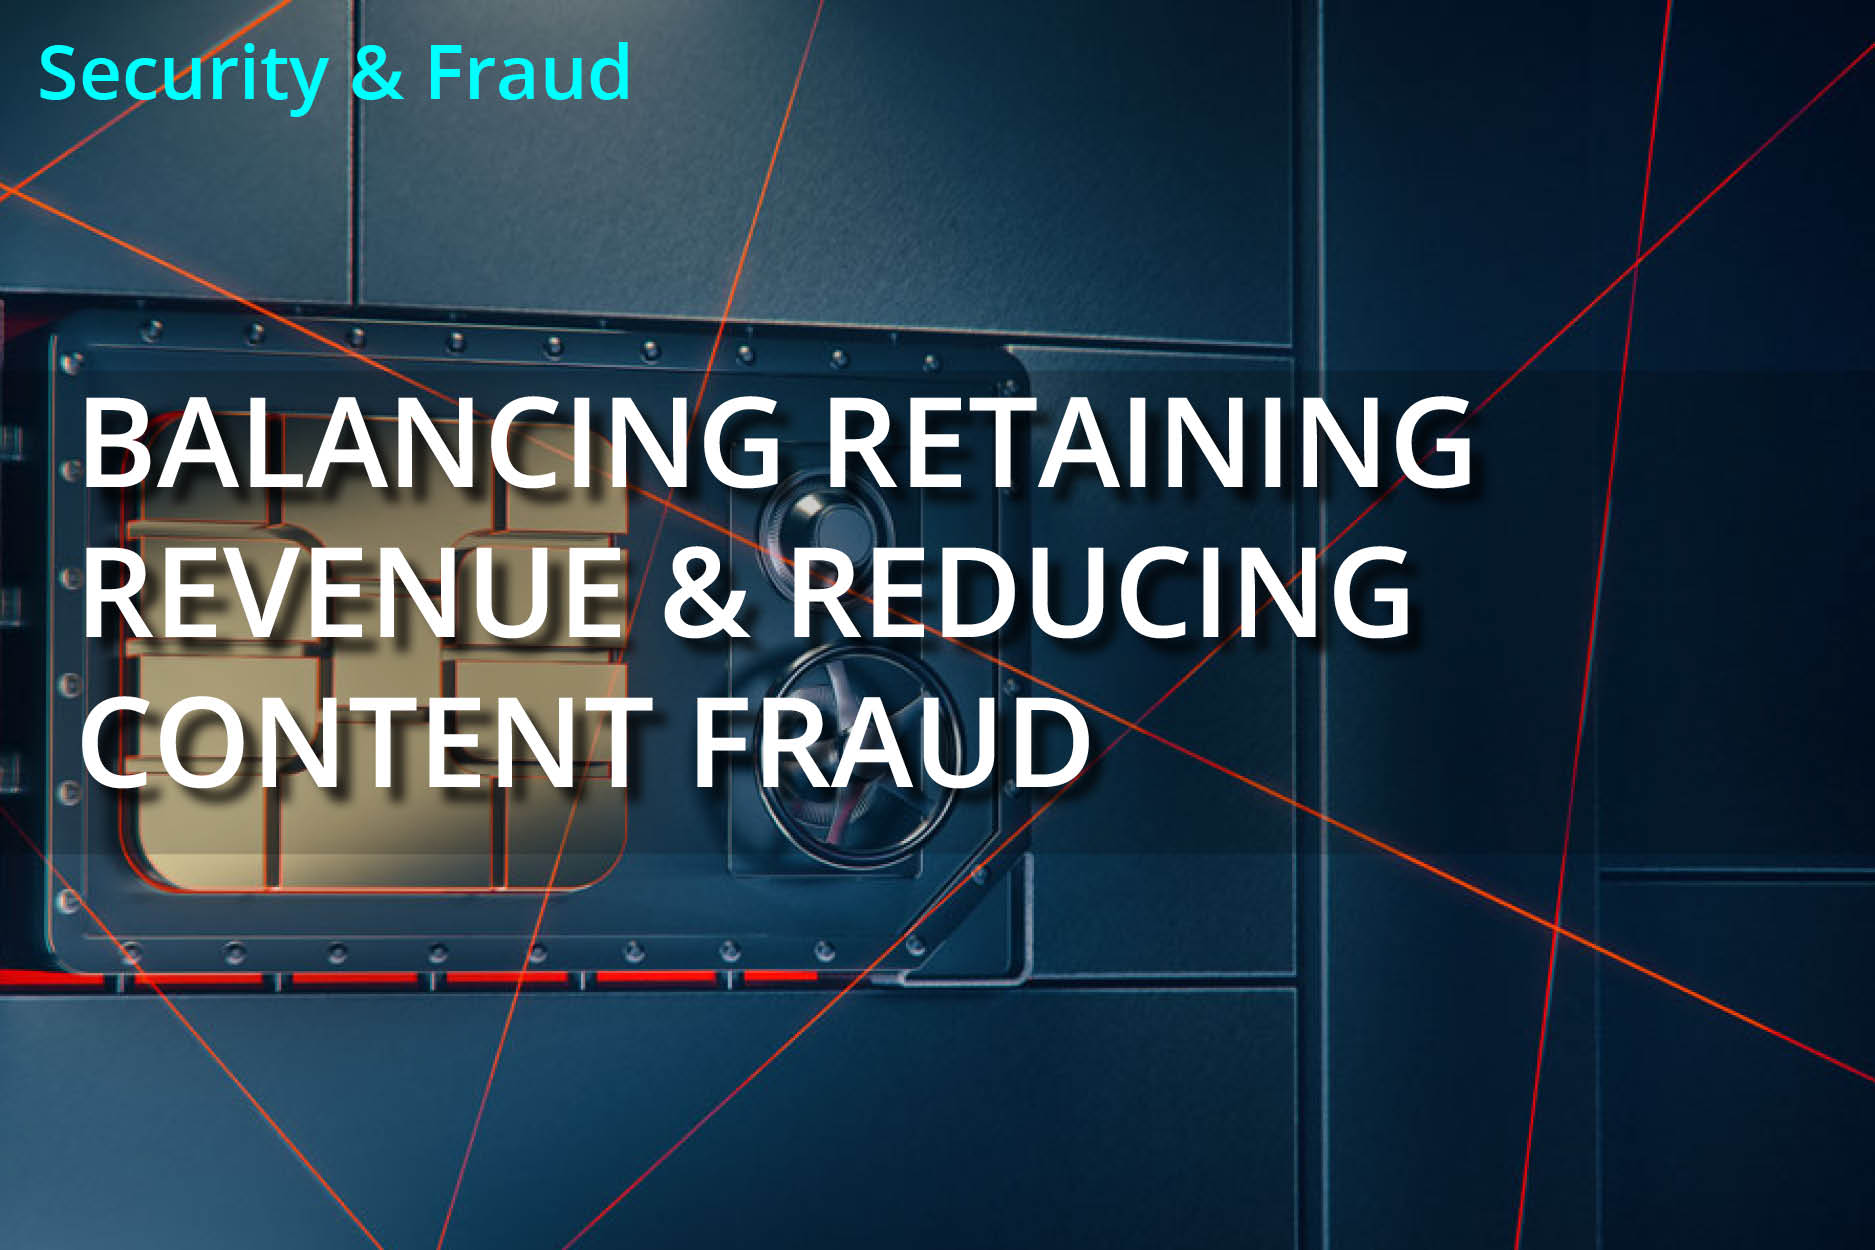 Balancing retaining revenue & reducing content fraud